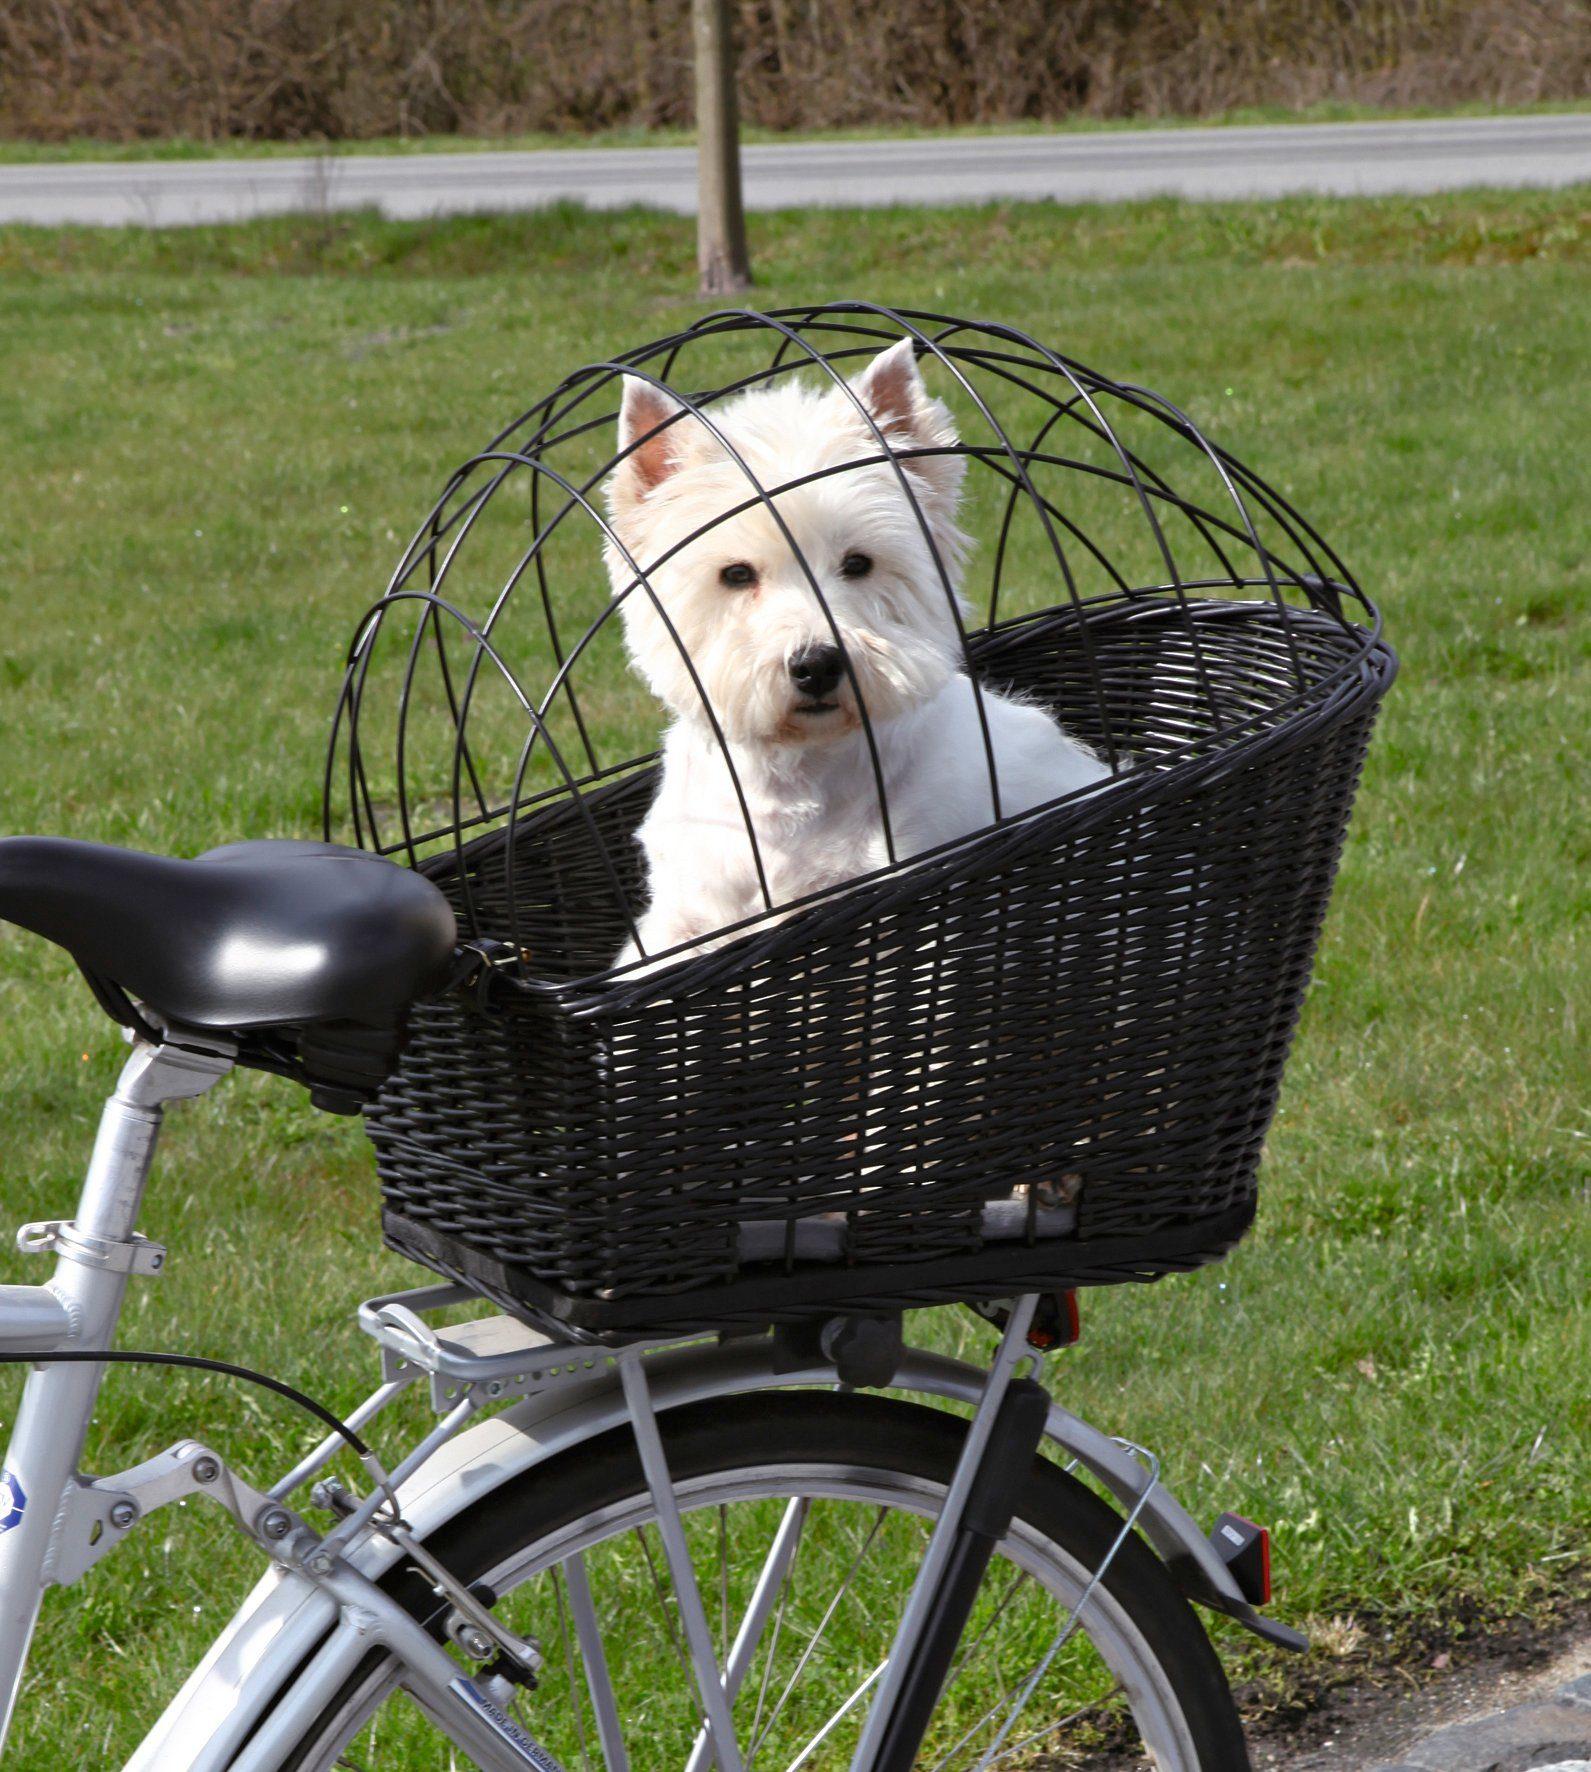 Hunde-Fahrradkorb, B/T/H: 35/55/49 cm, bis zu 12 kg